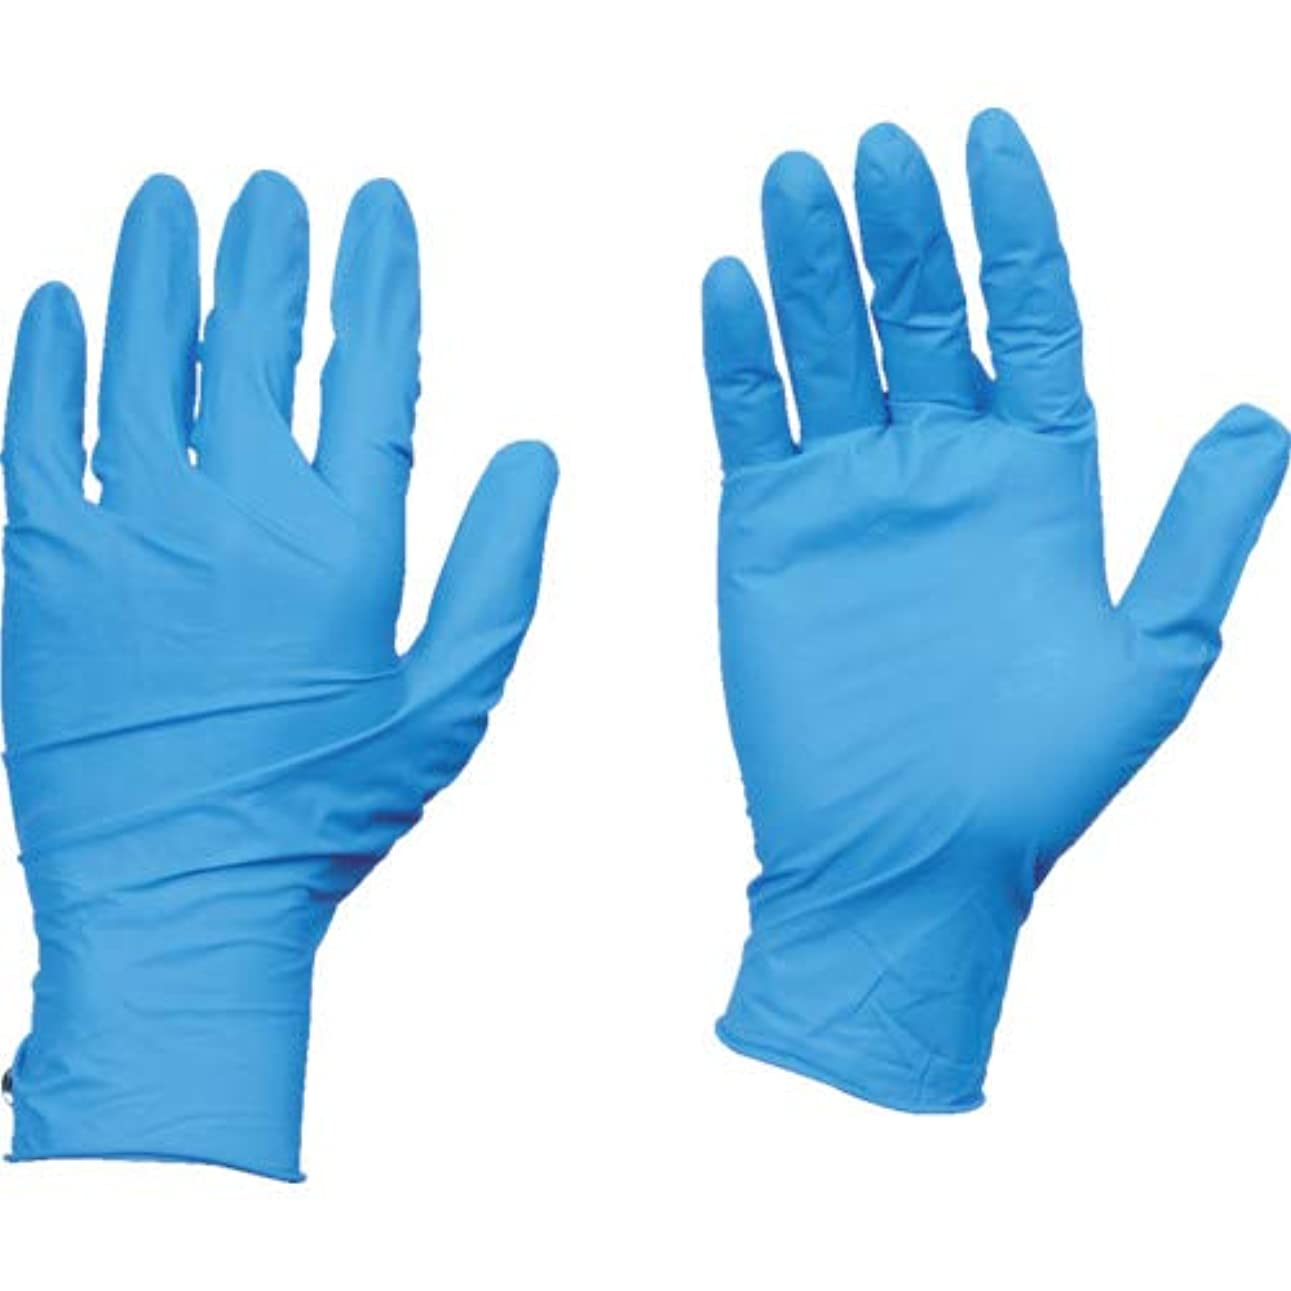 滞在コース狐TRUSCO(トラスコ) 10箱入り 使い捨て天然ゴム手袋TGワーク 0.10 粉付青M TGPL10BM10C